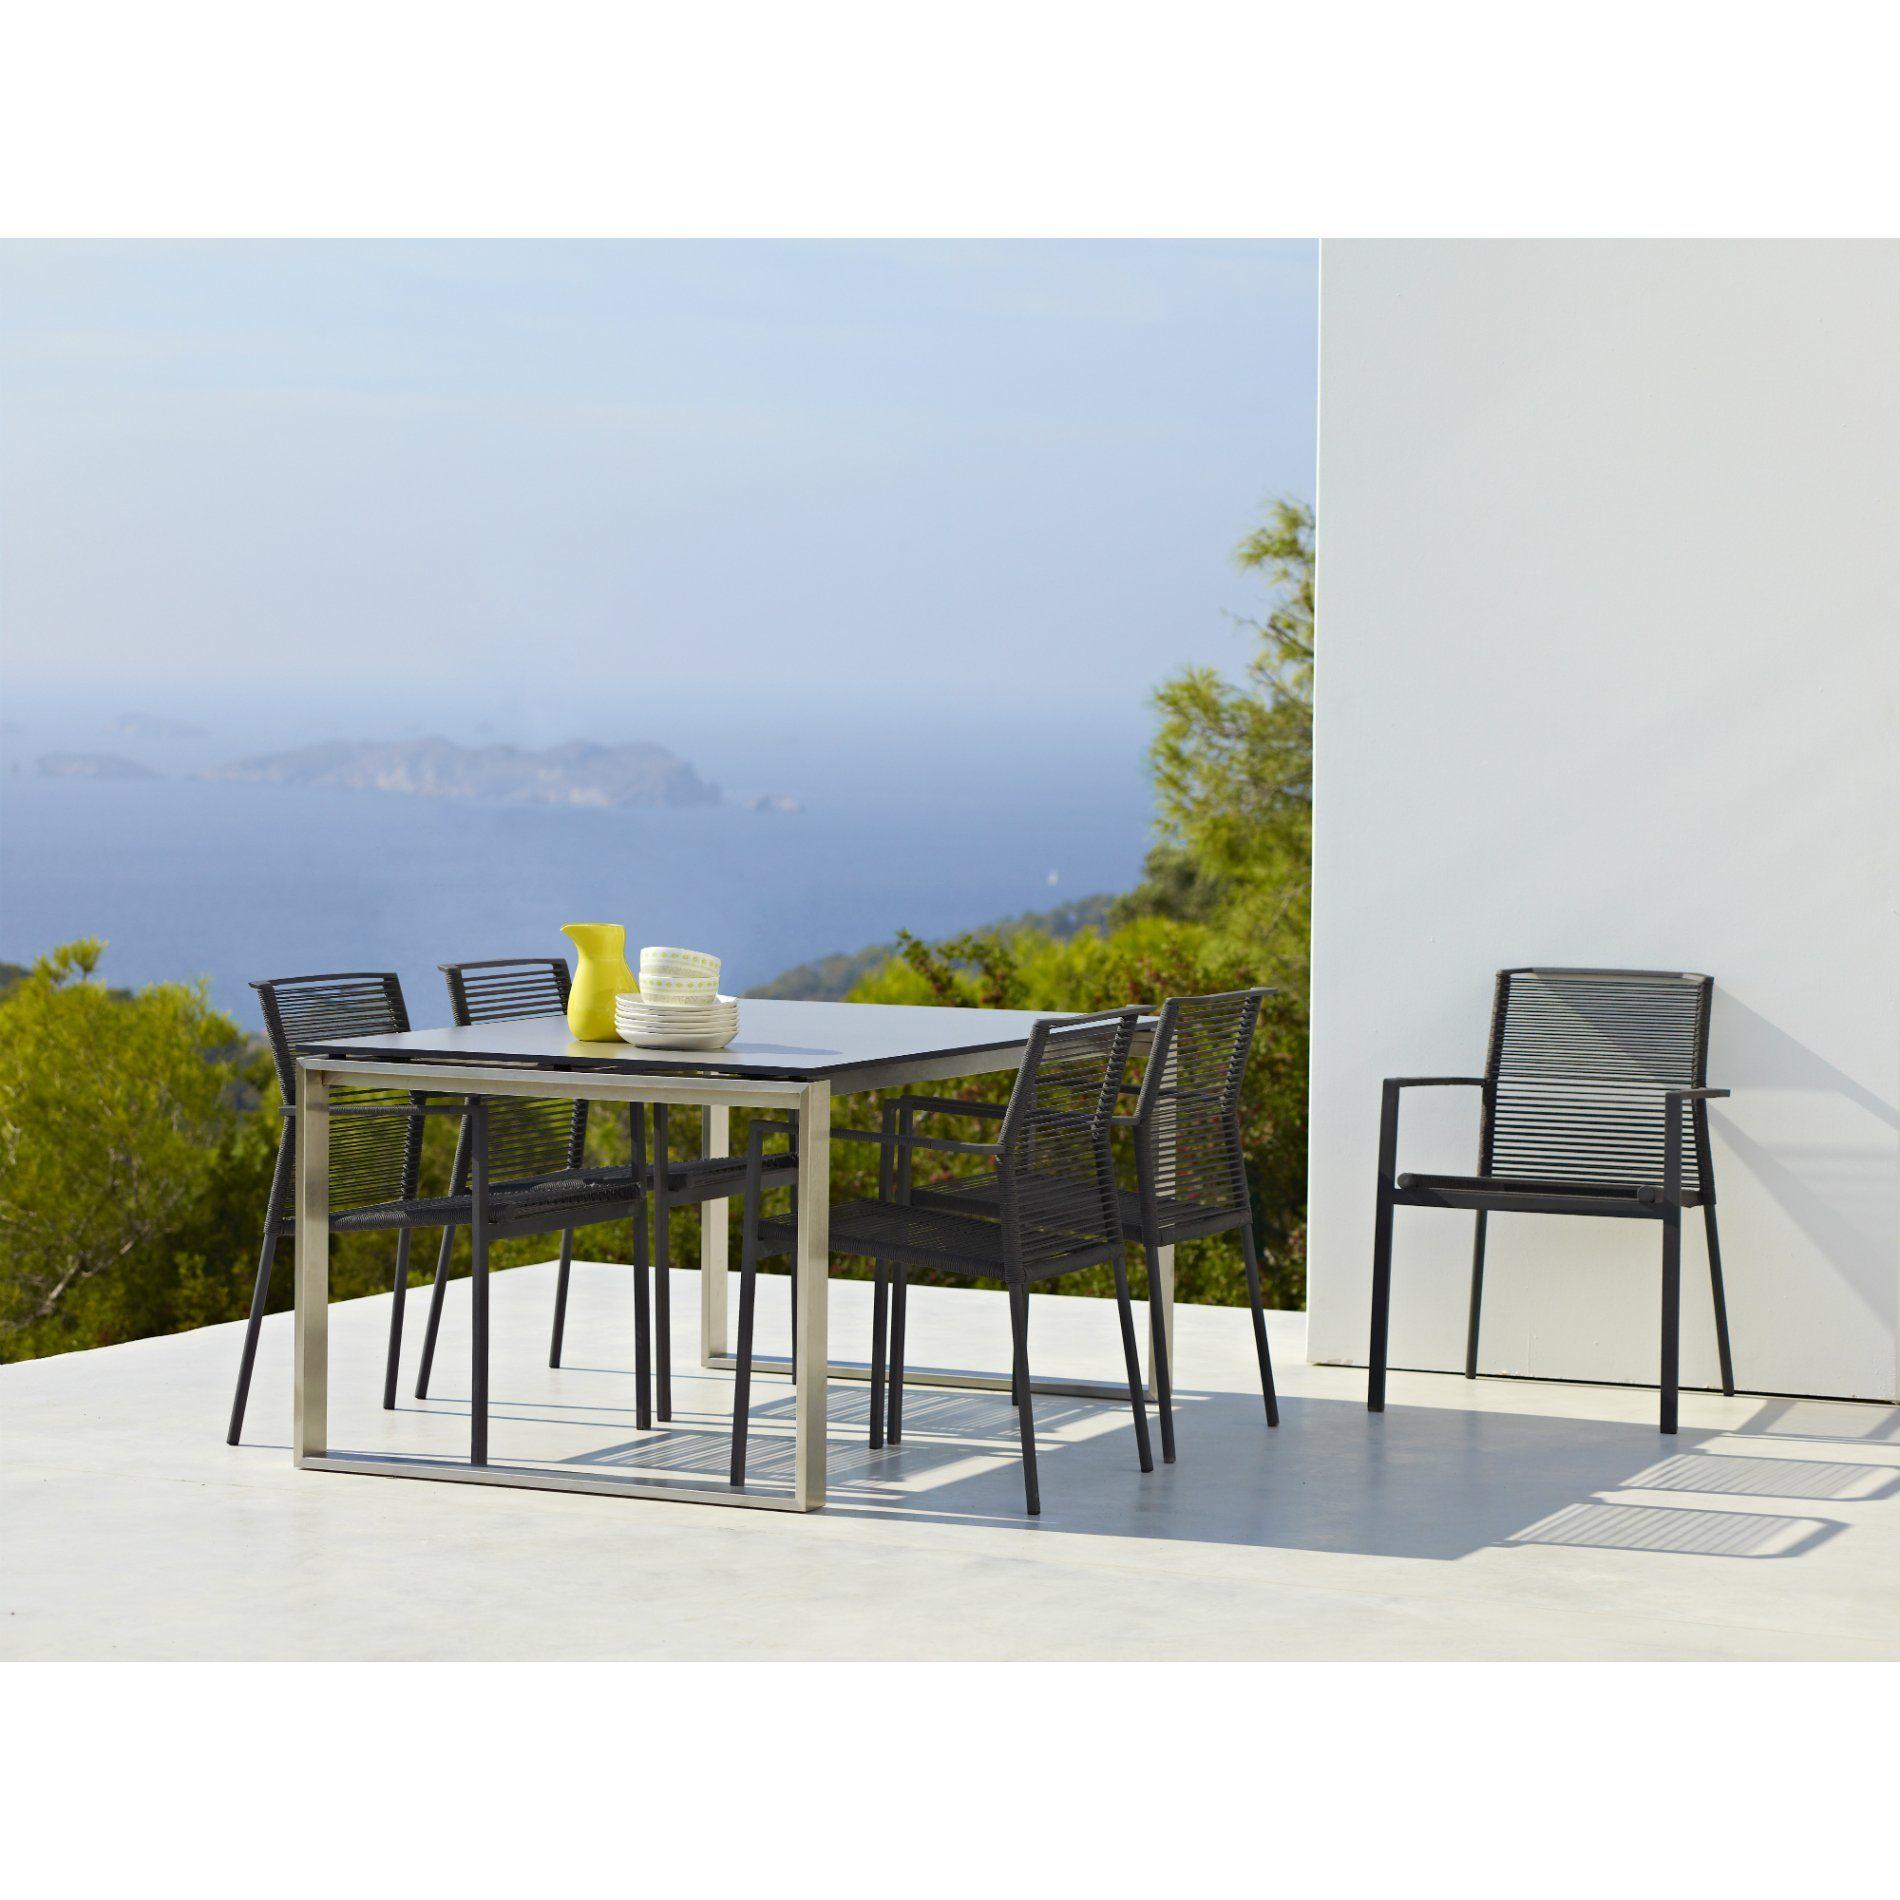 cane line gartenstuhl edge stapelstuhl. Black Bedroom Furniture Sets. Home Design Ideas